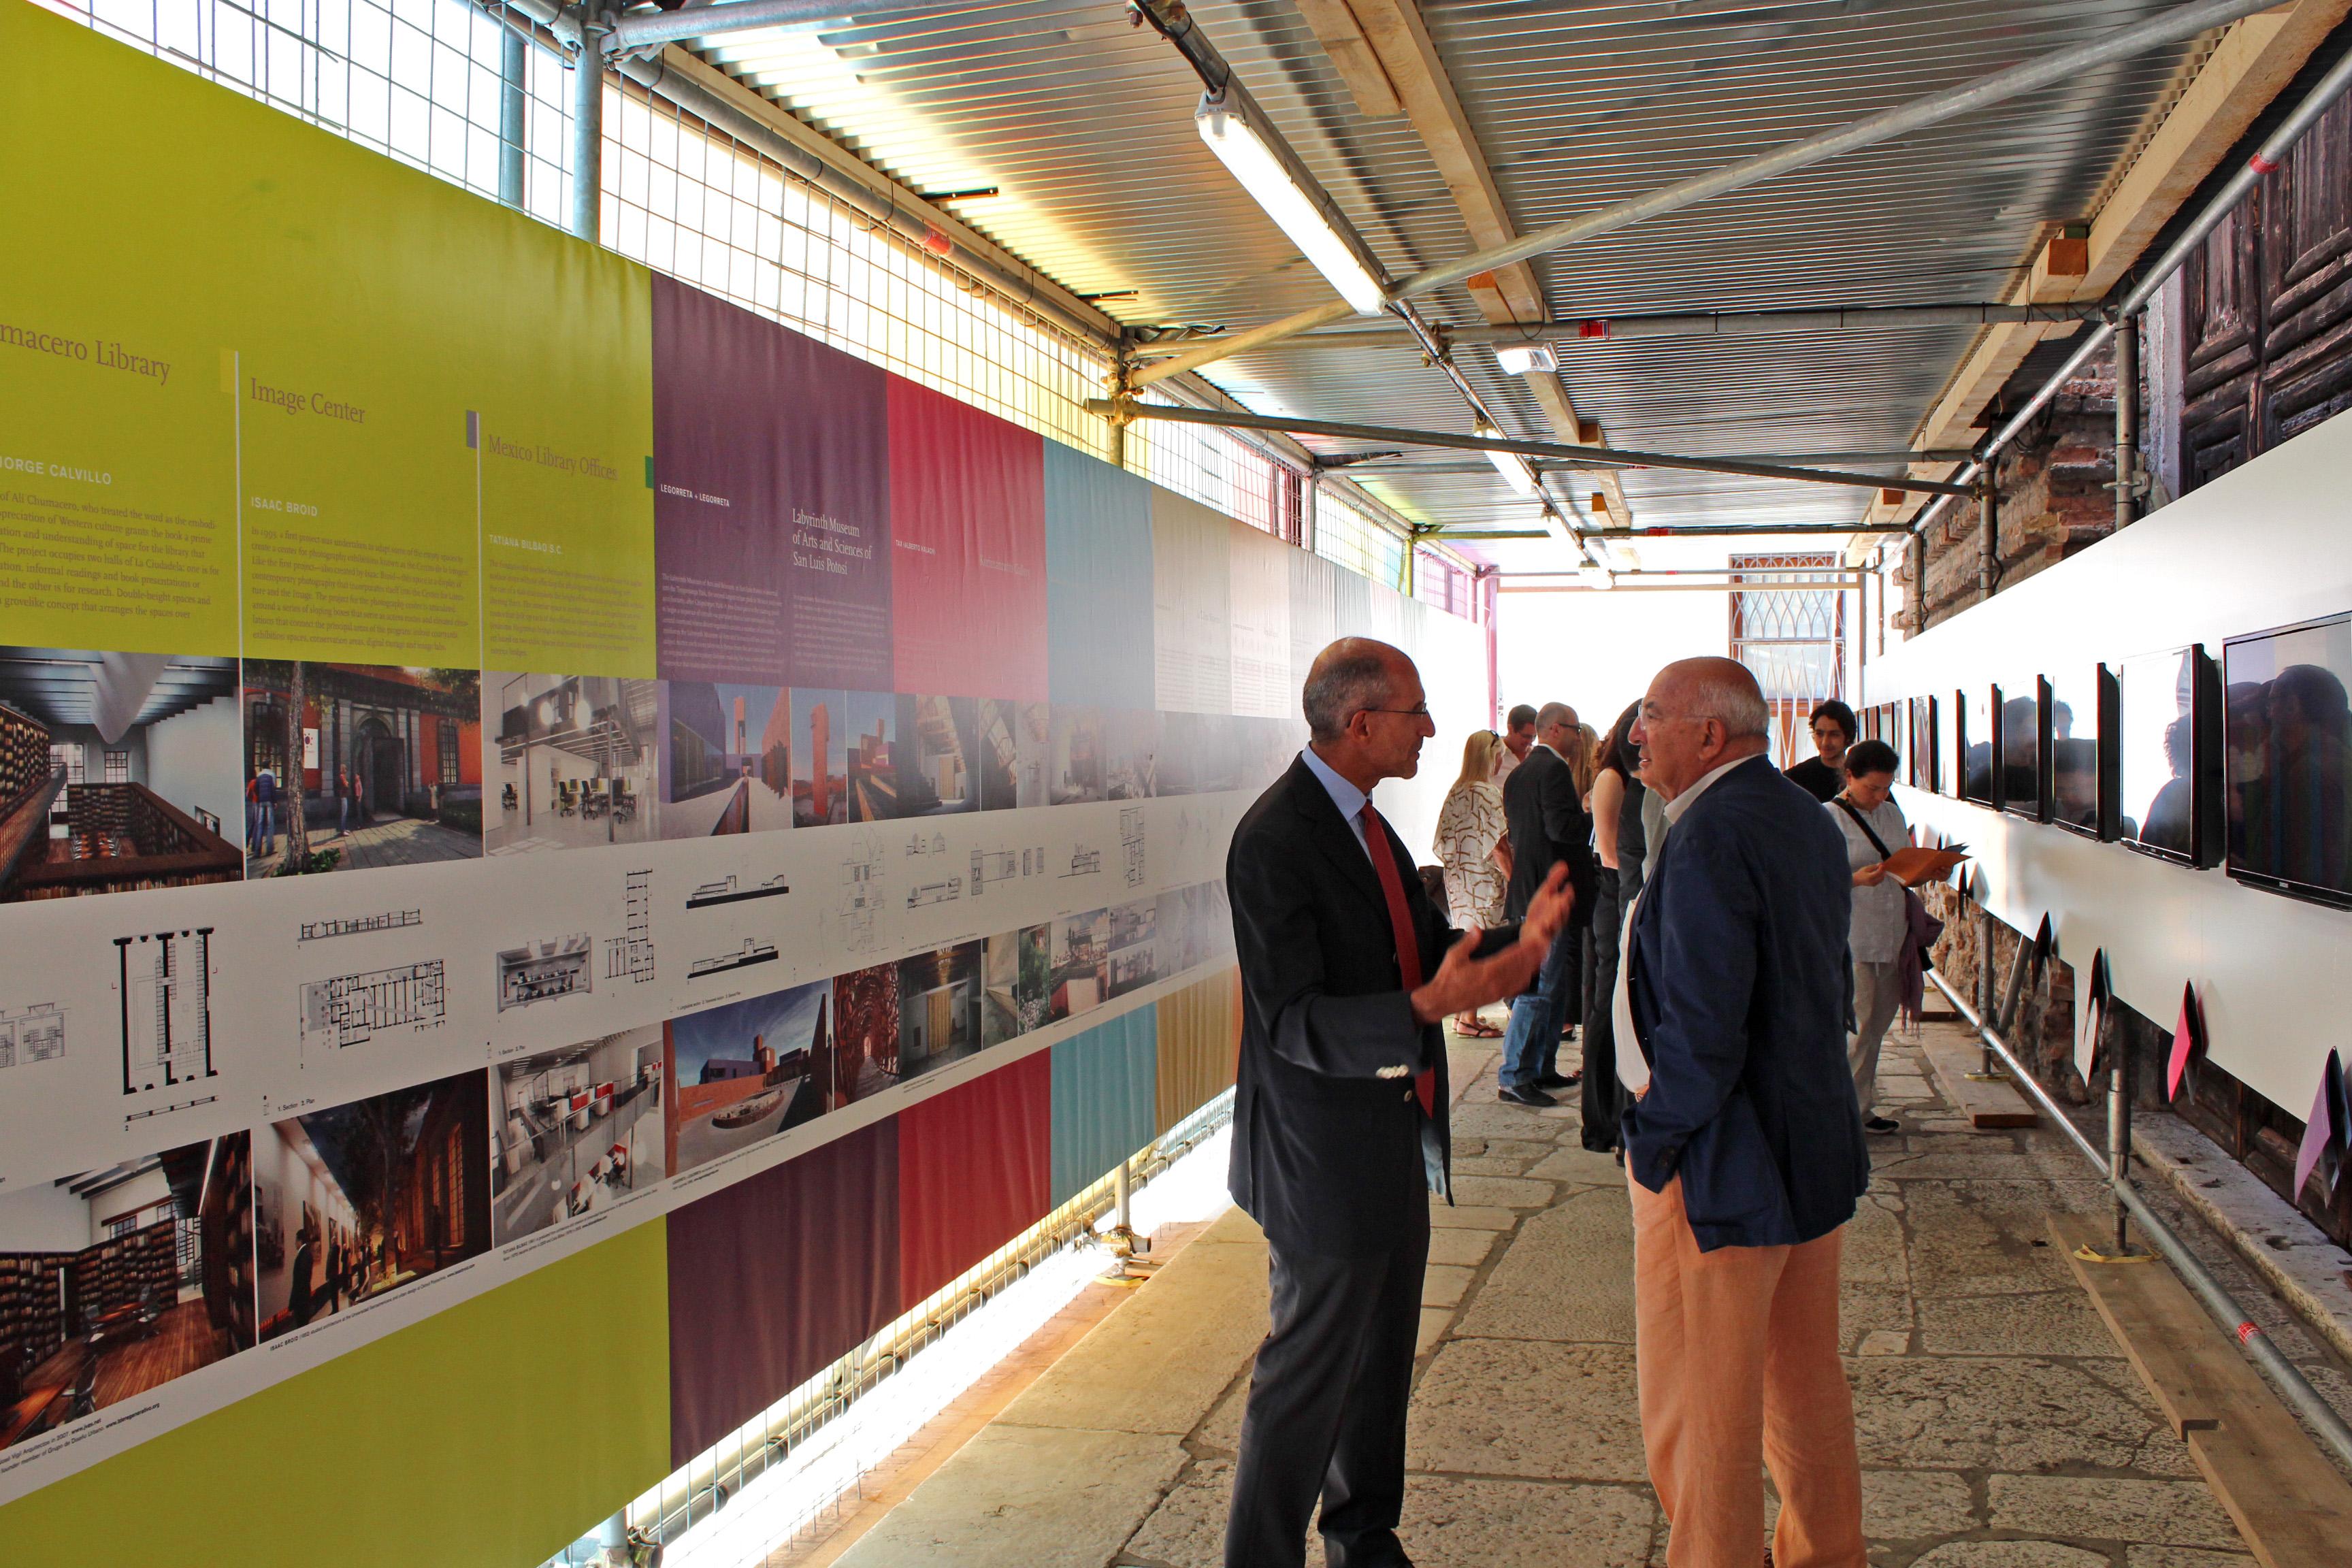 Bienal de Veneza 2012: Pavilhão do México, Inauguração mostra do México © ArchDaily